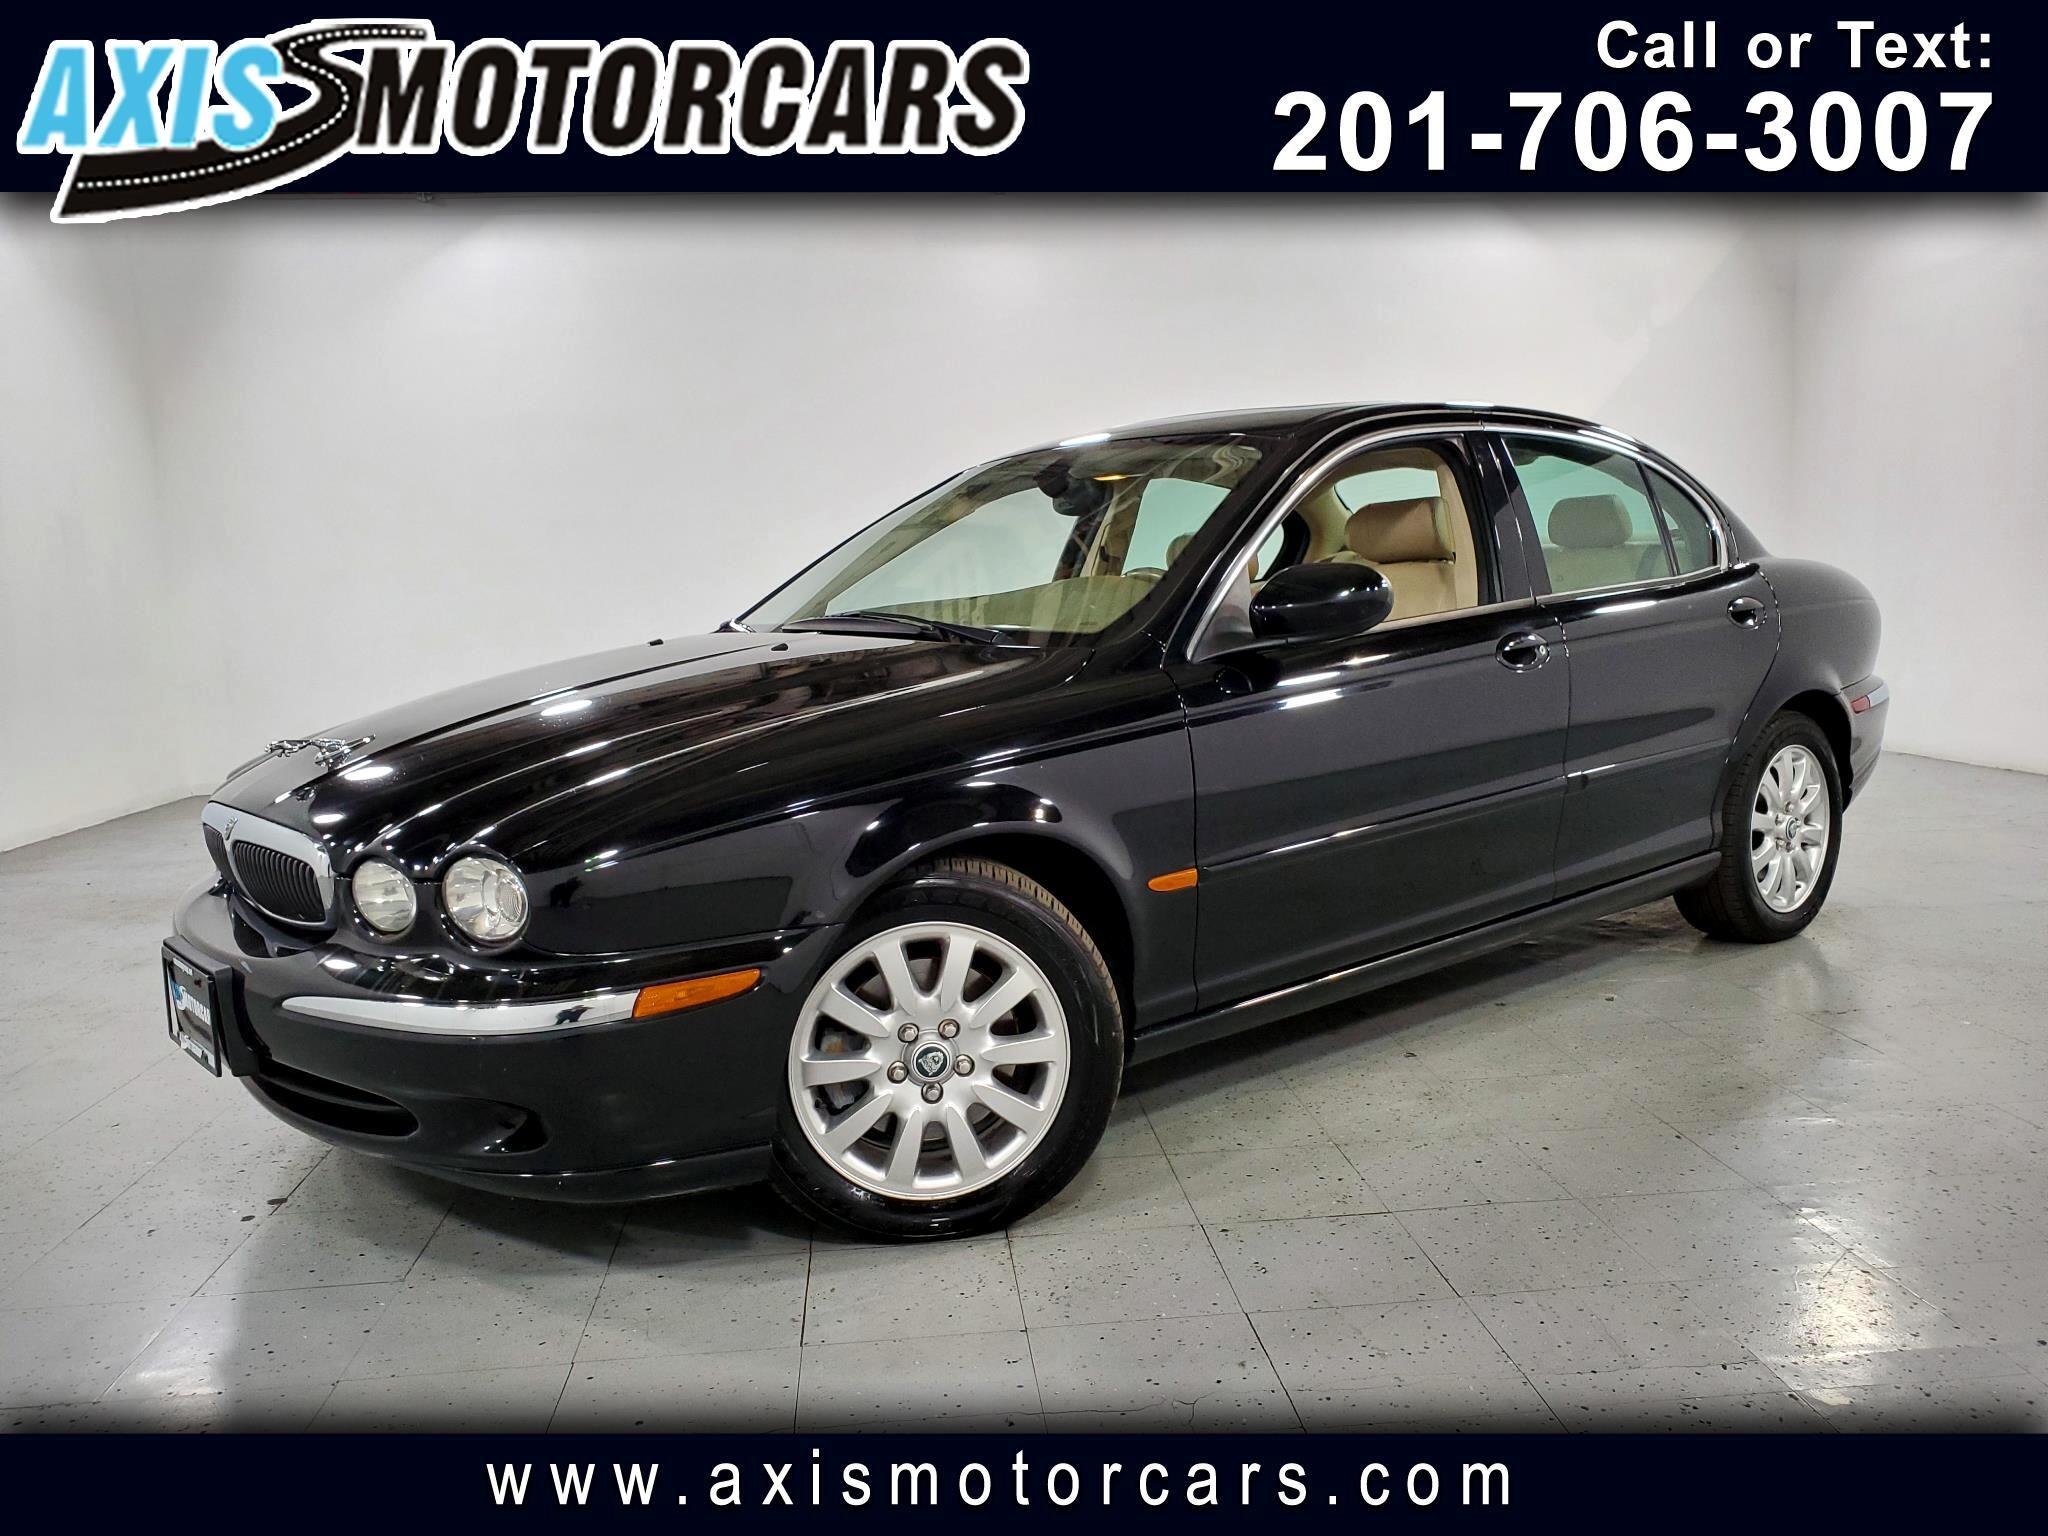 2003 Jaguar X-Type 4dr Sdn 2.5L Auto